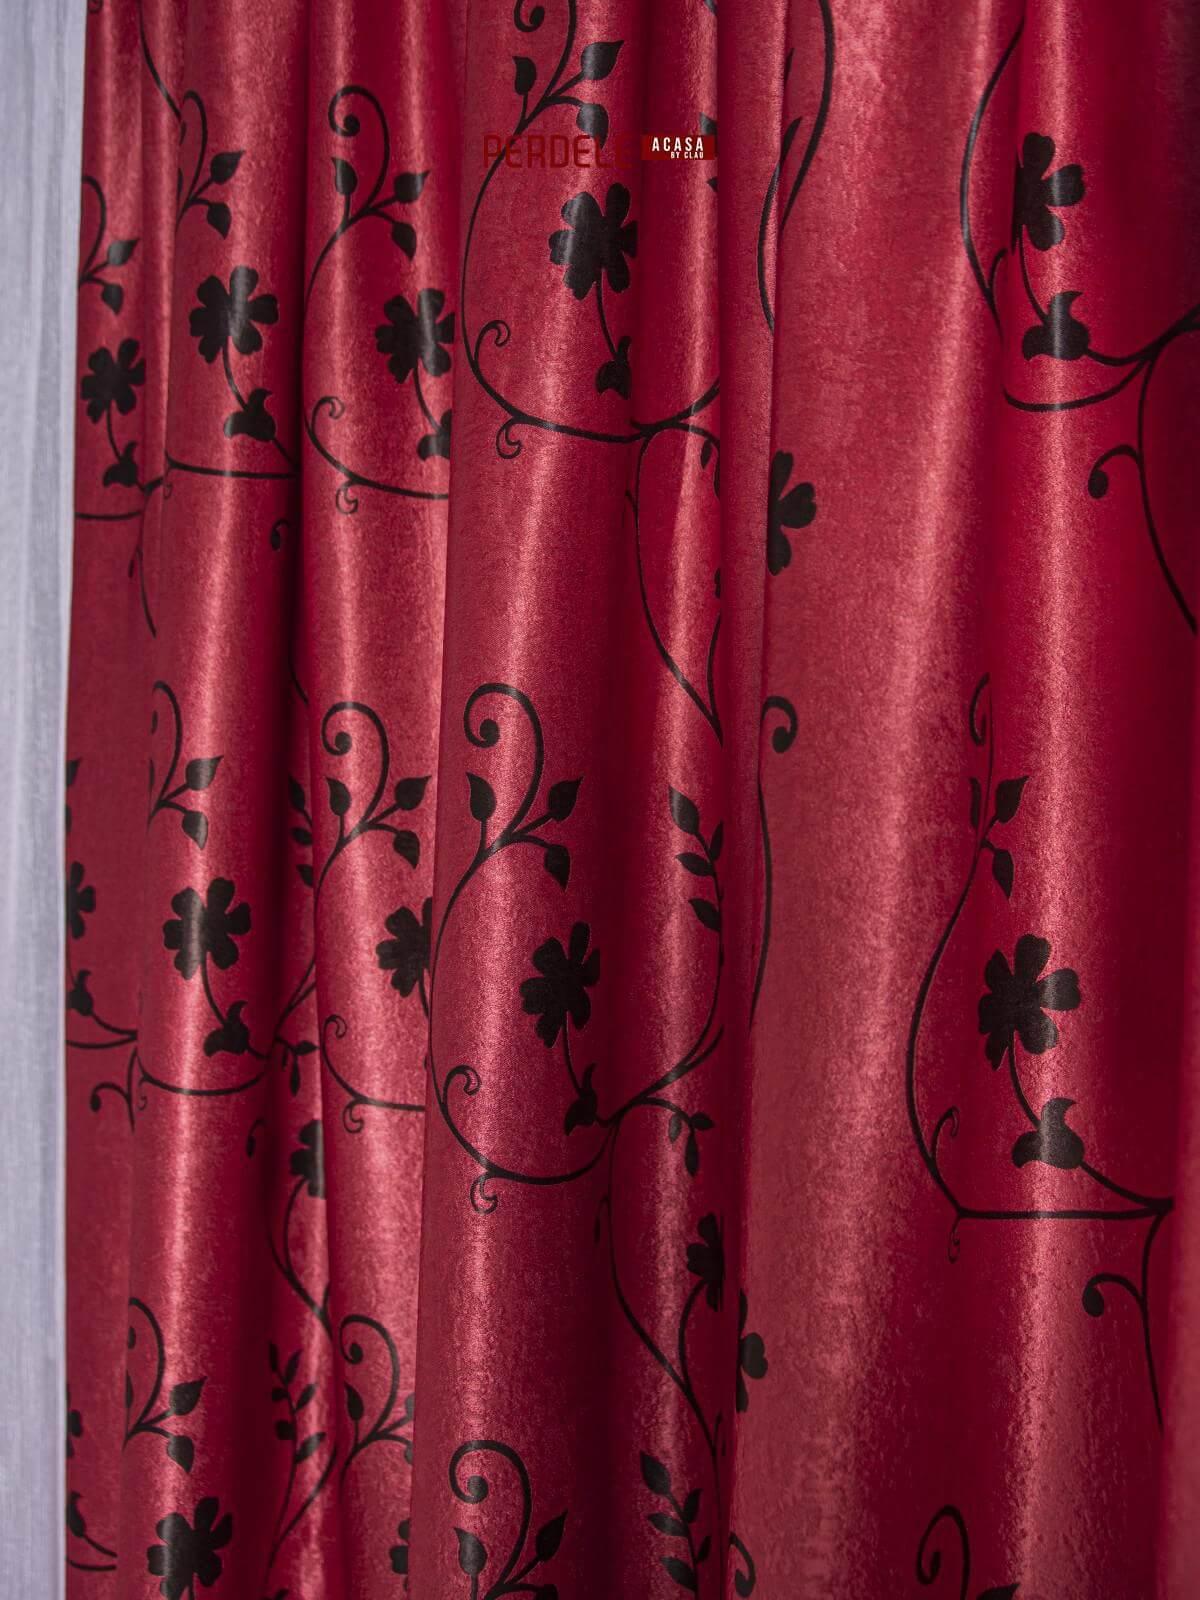 Draperie Blackout, grena / negru, model flori